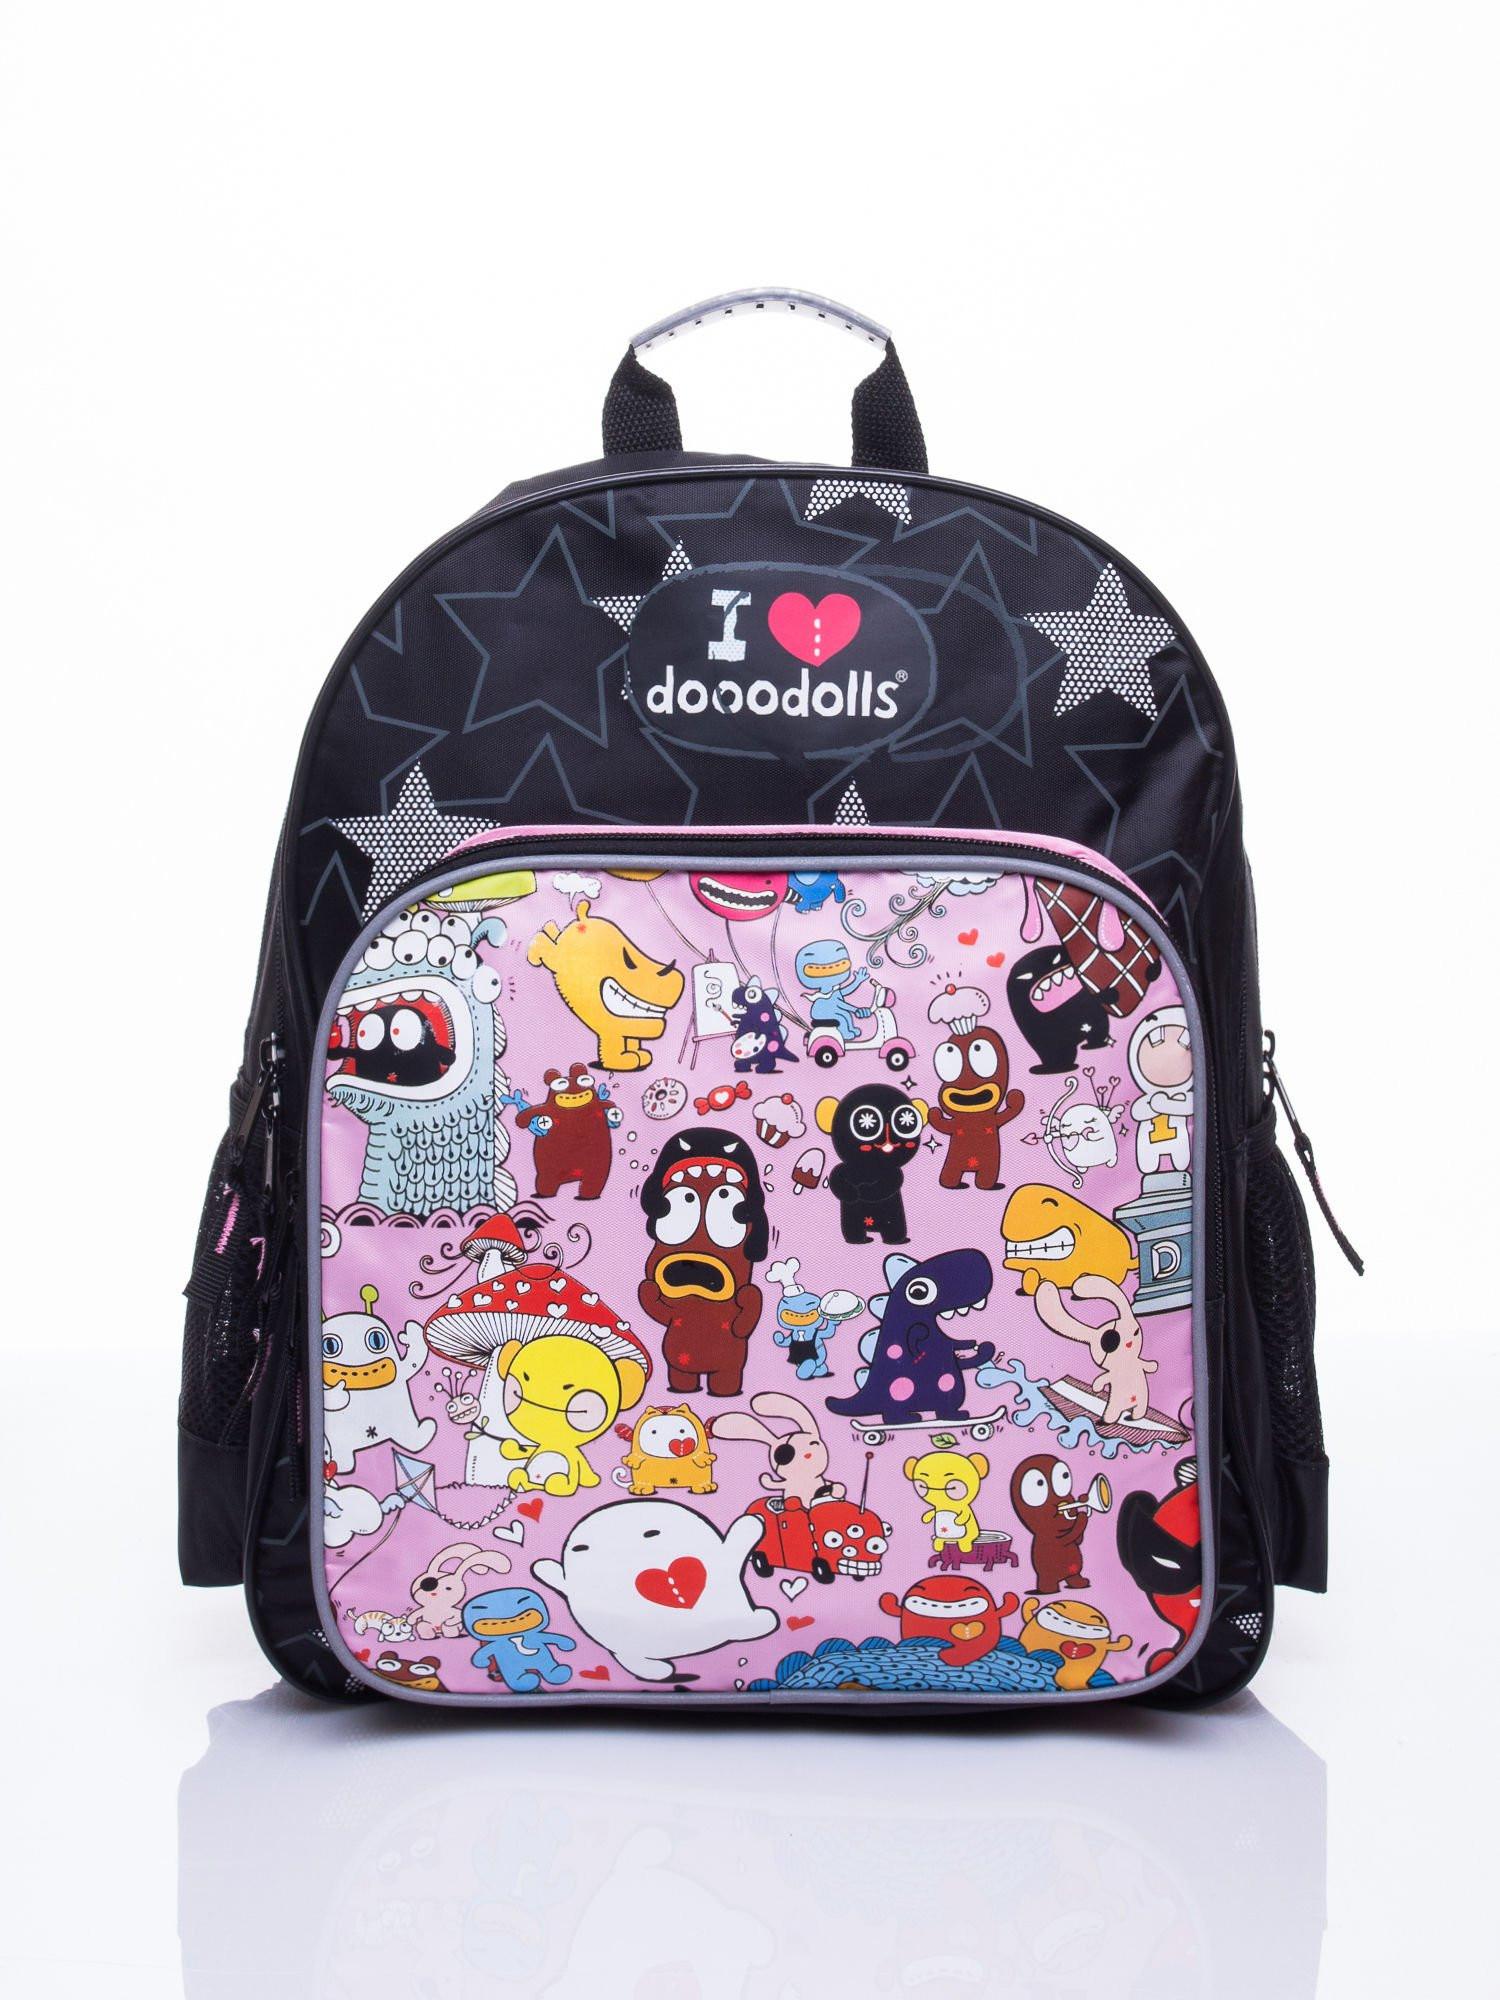 Černý školní batoh s motivem Dooodolls ONE SIZE